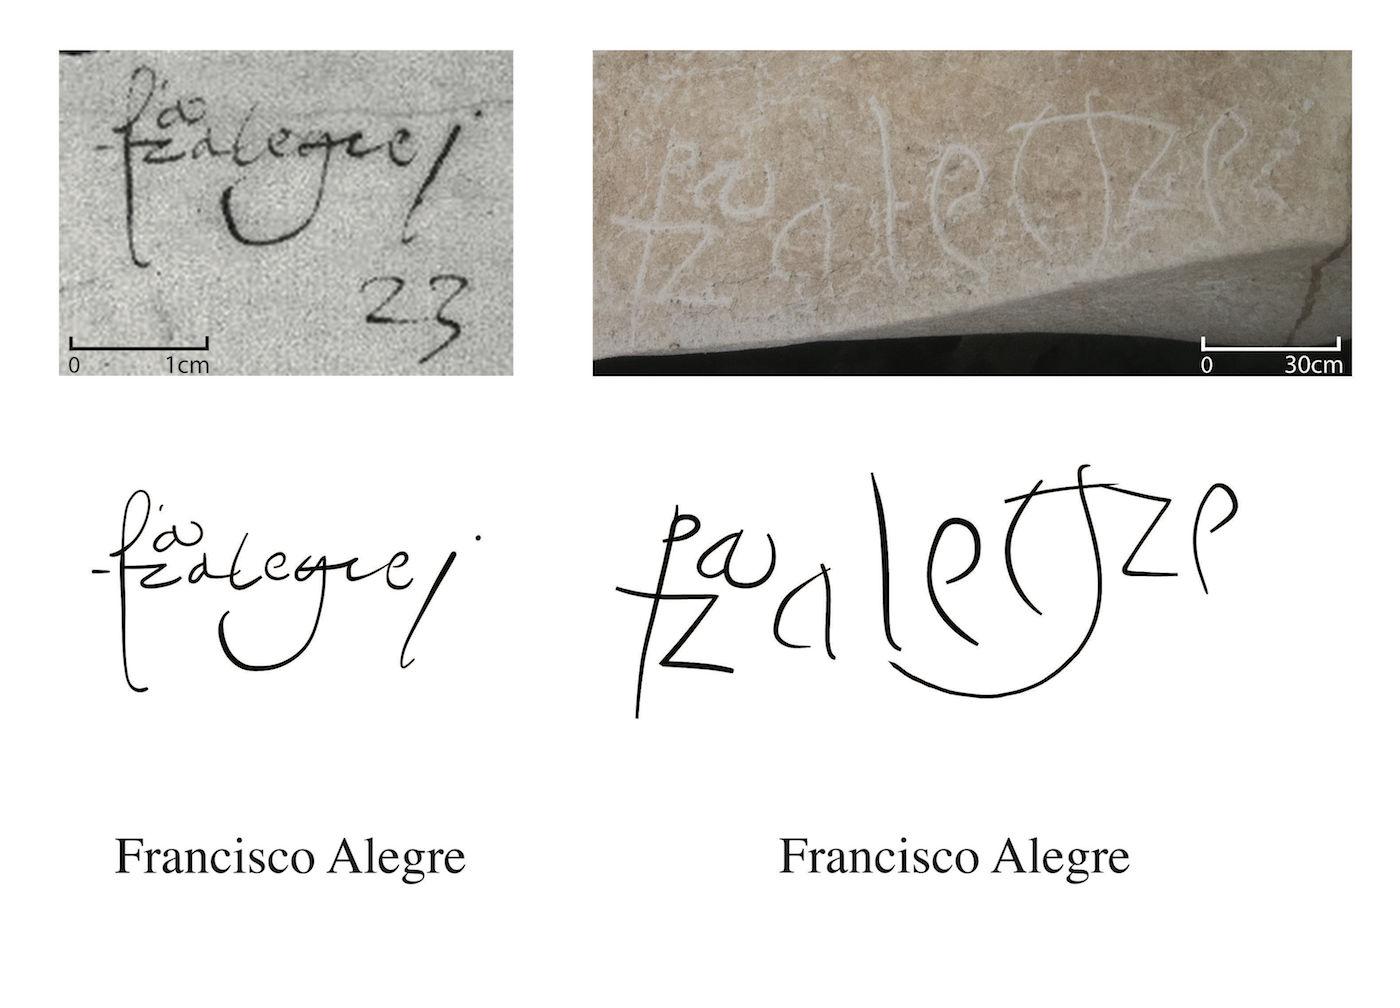 Francisco Alegre with scales